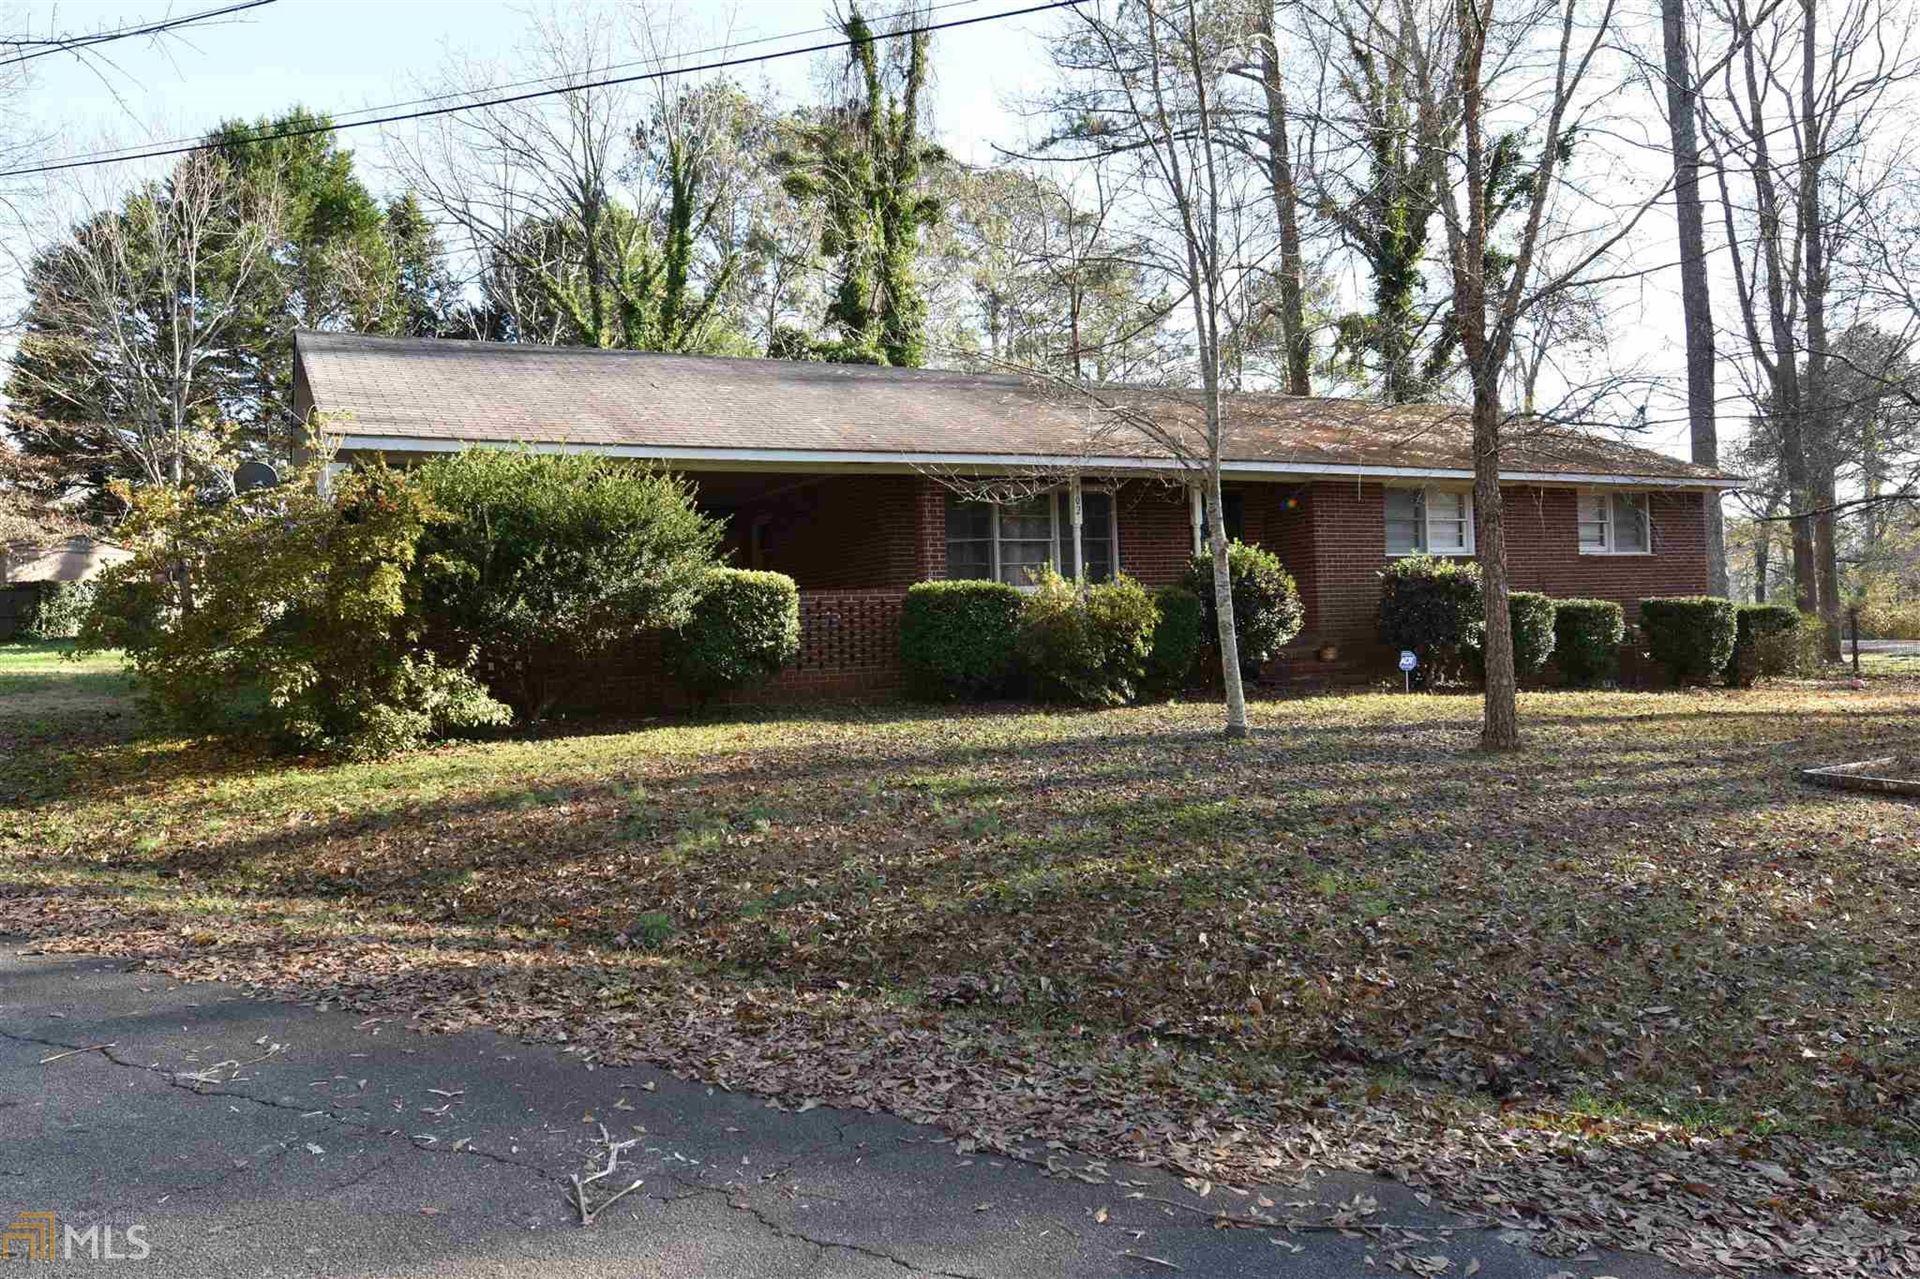 702 S Spring St, Greensboro, GA 30642 - MLS#: 8907452